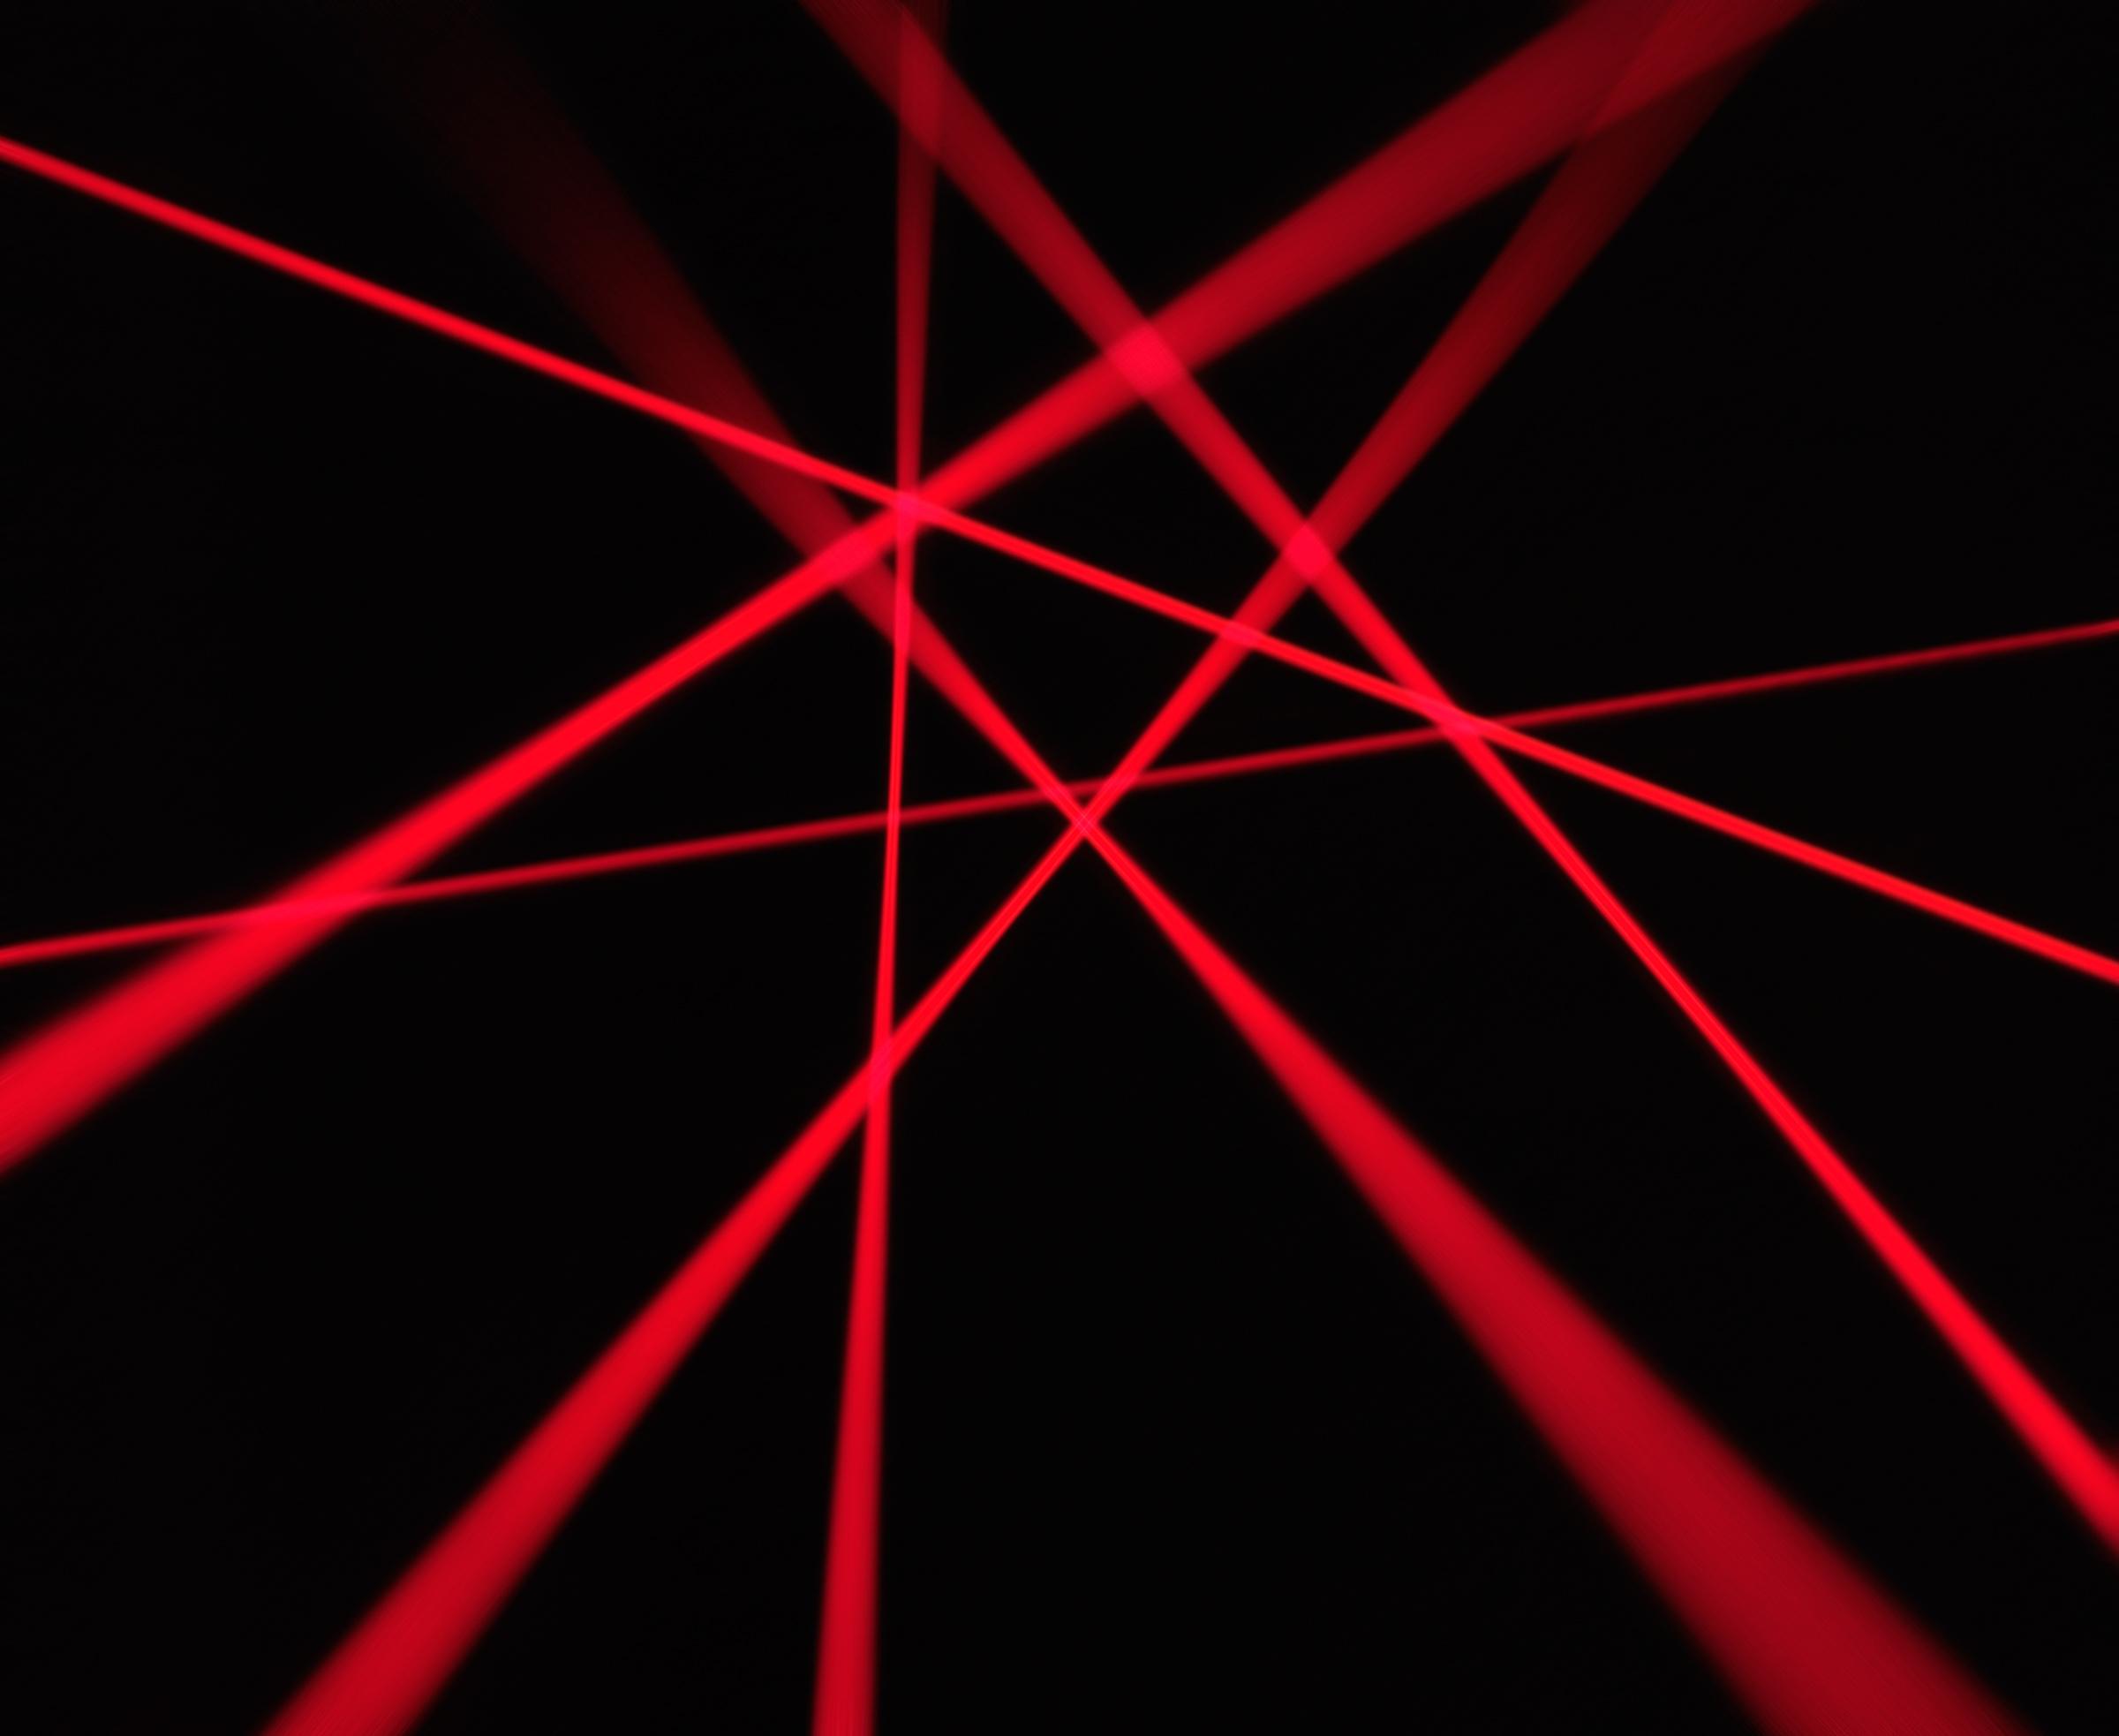 HQ Laser Wallpapers | File 732.78Kb